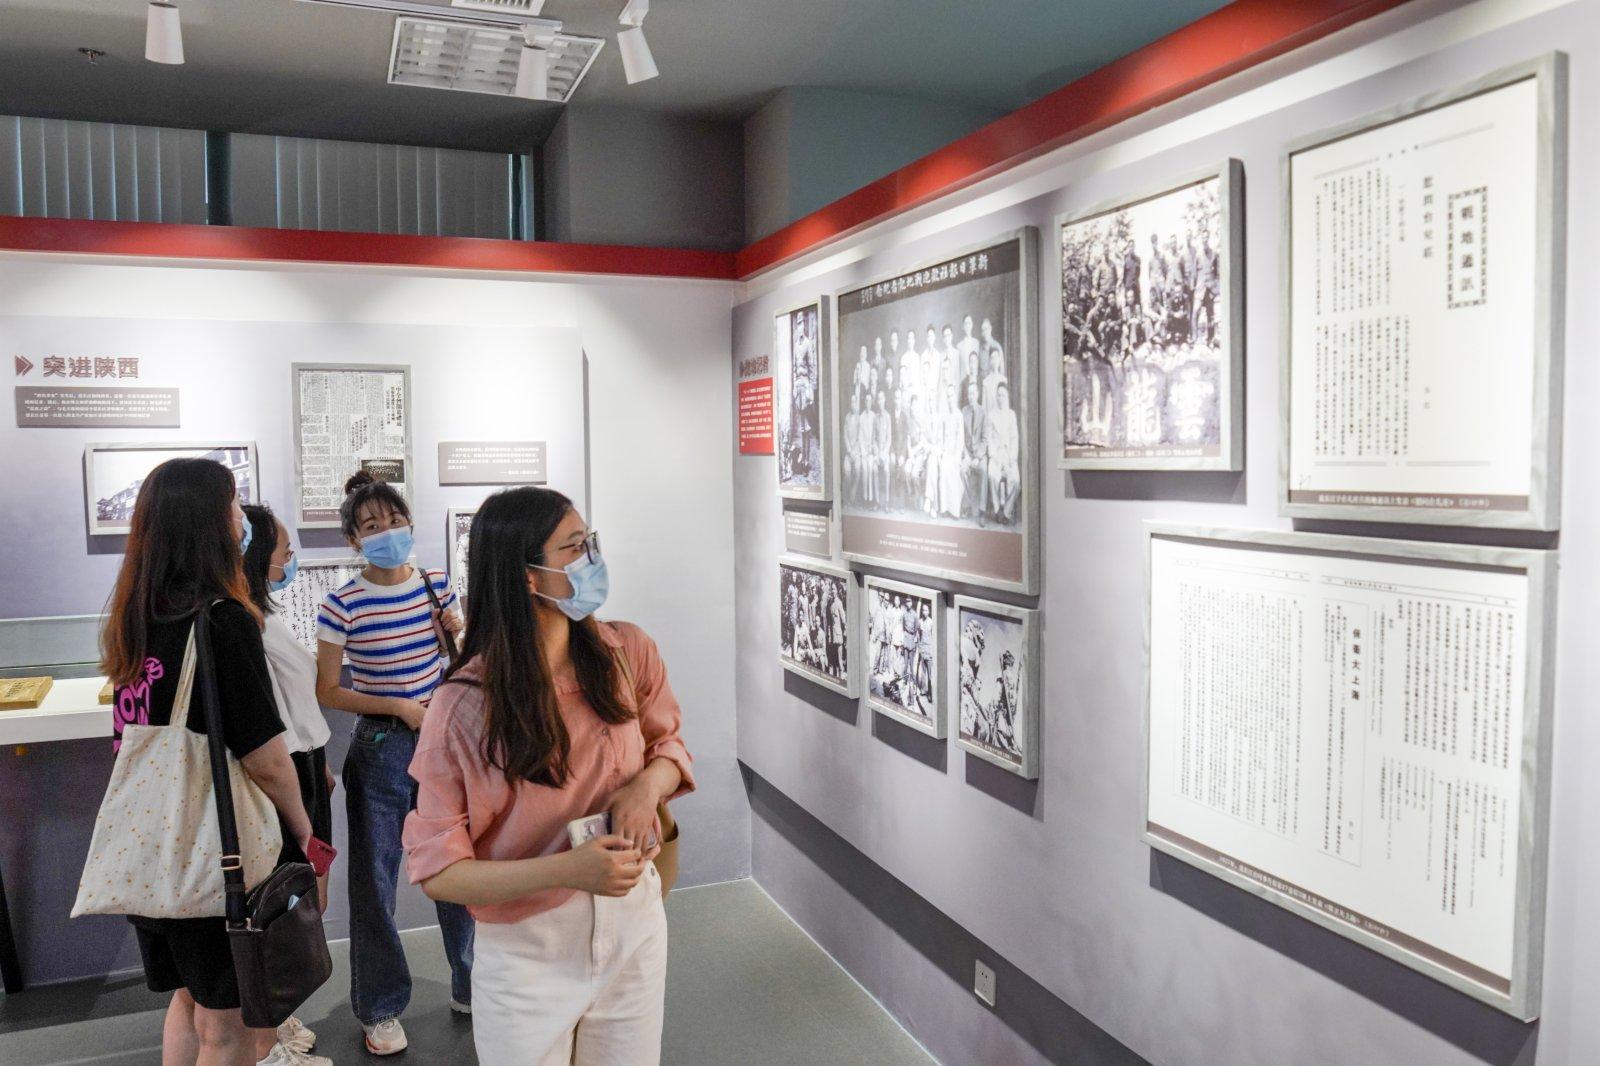 參觀者在「范長江與重慶」展覽館內參觀。